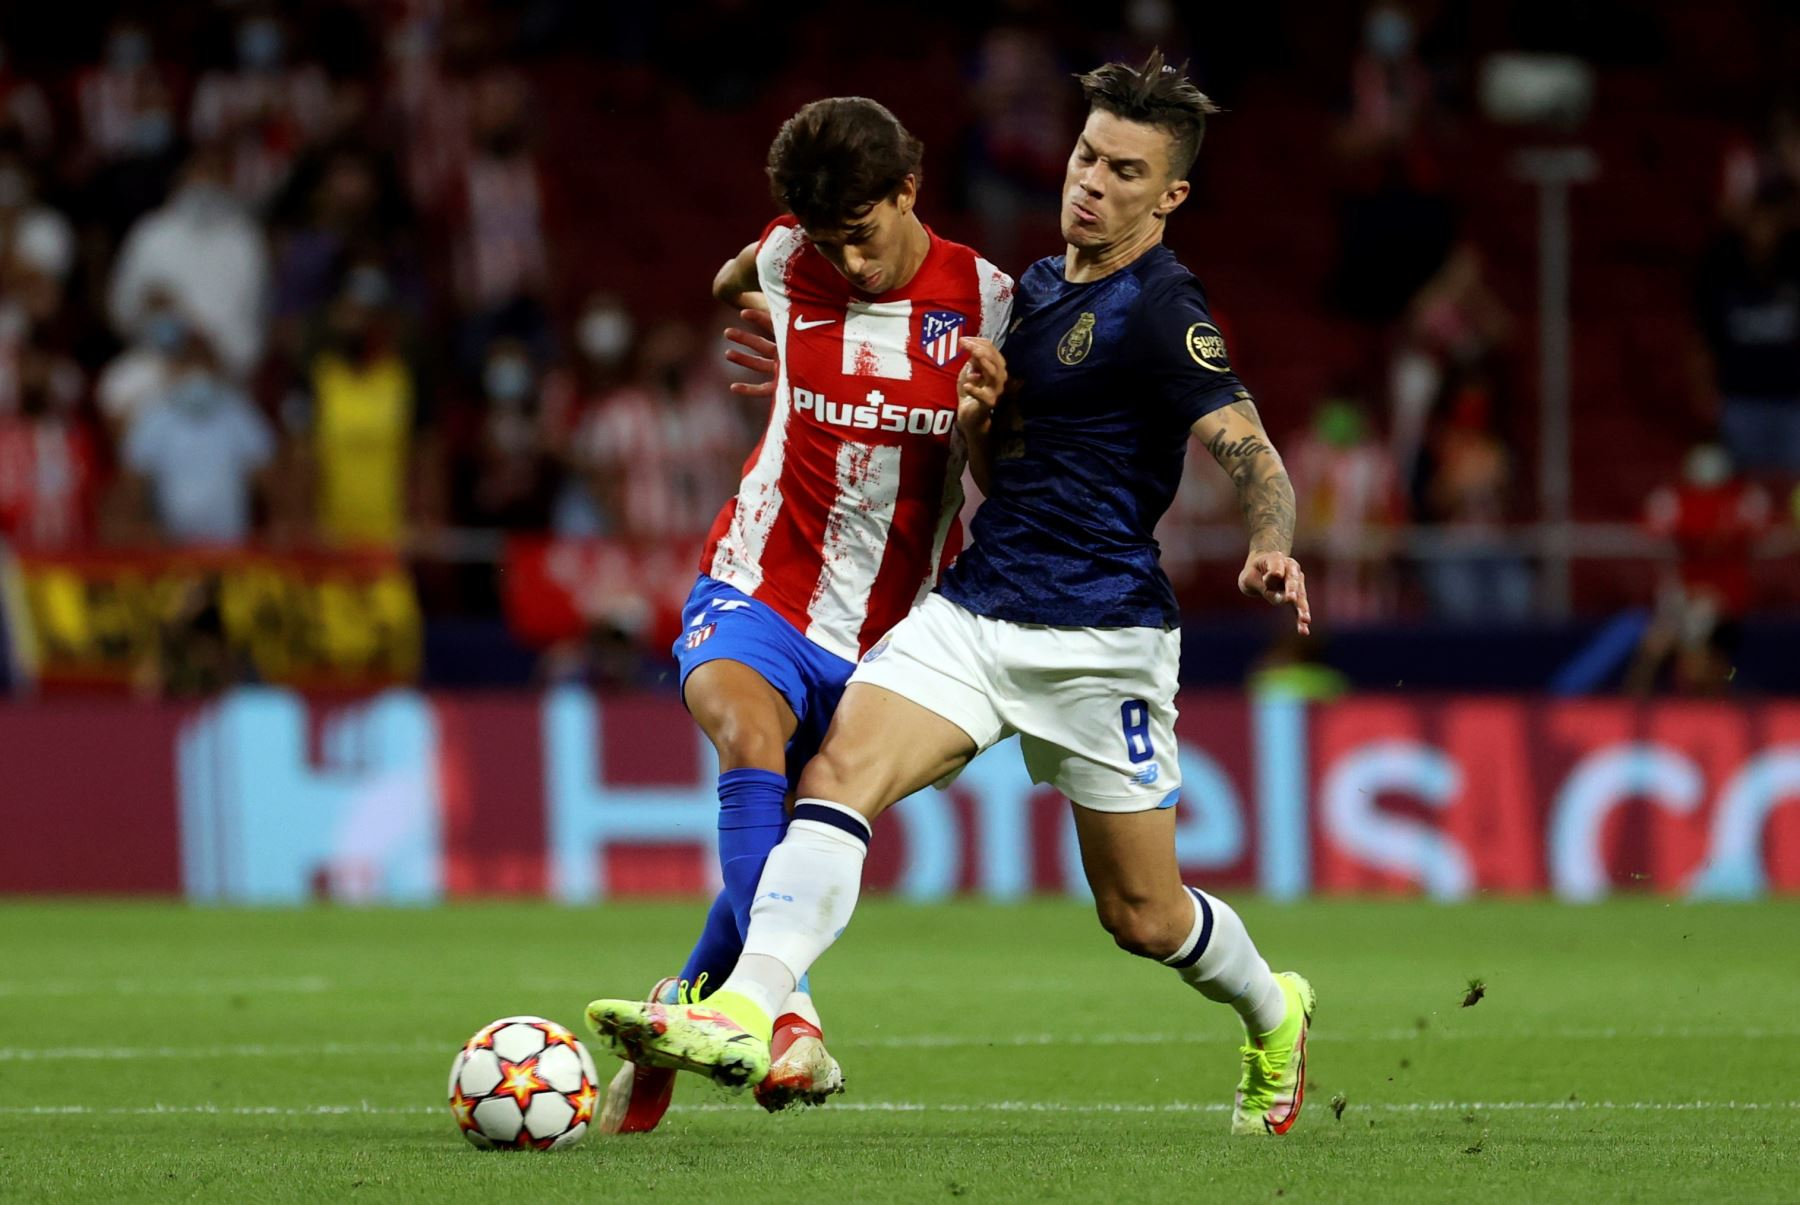 El delantero portugués del Atlético de Madrid Joao Félix lucha con el colombiano Andrés Uribe, del Oporto. EFE/Juanjo Martín